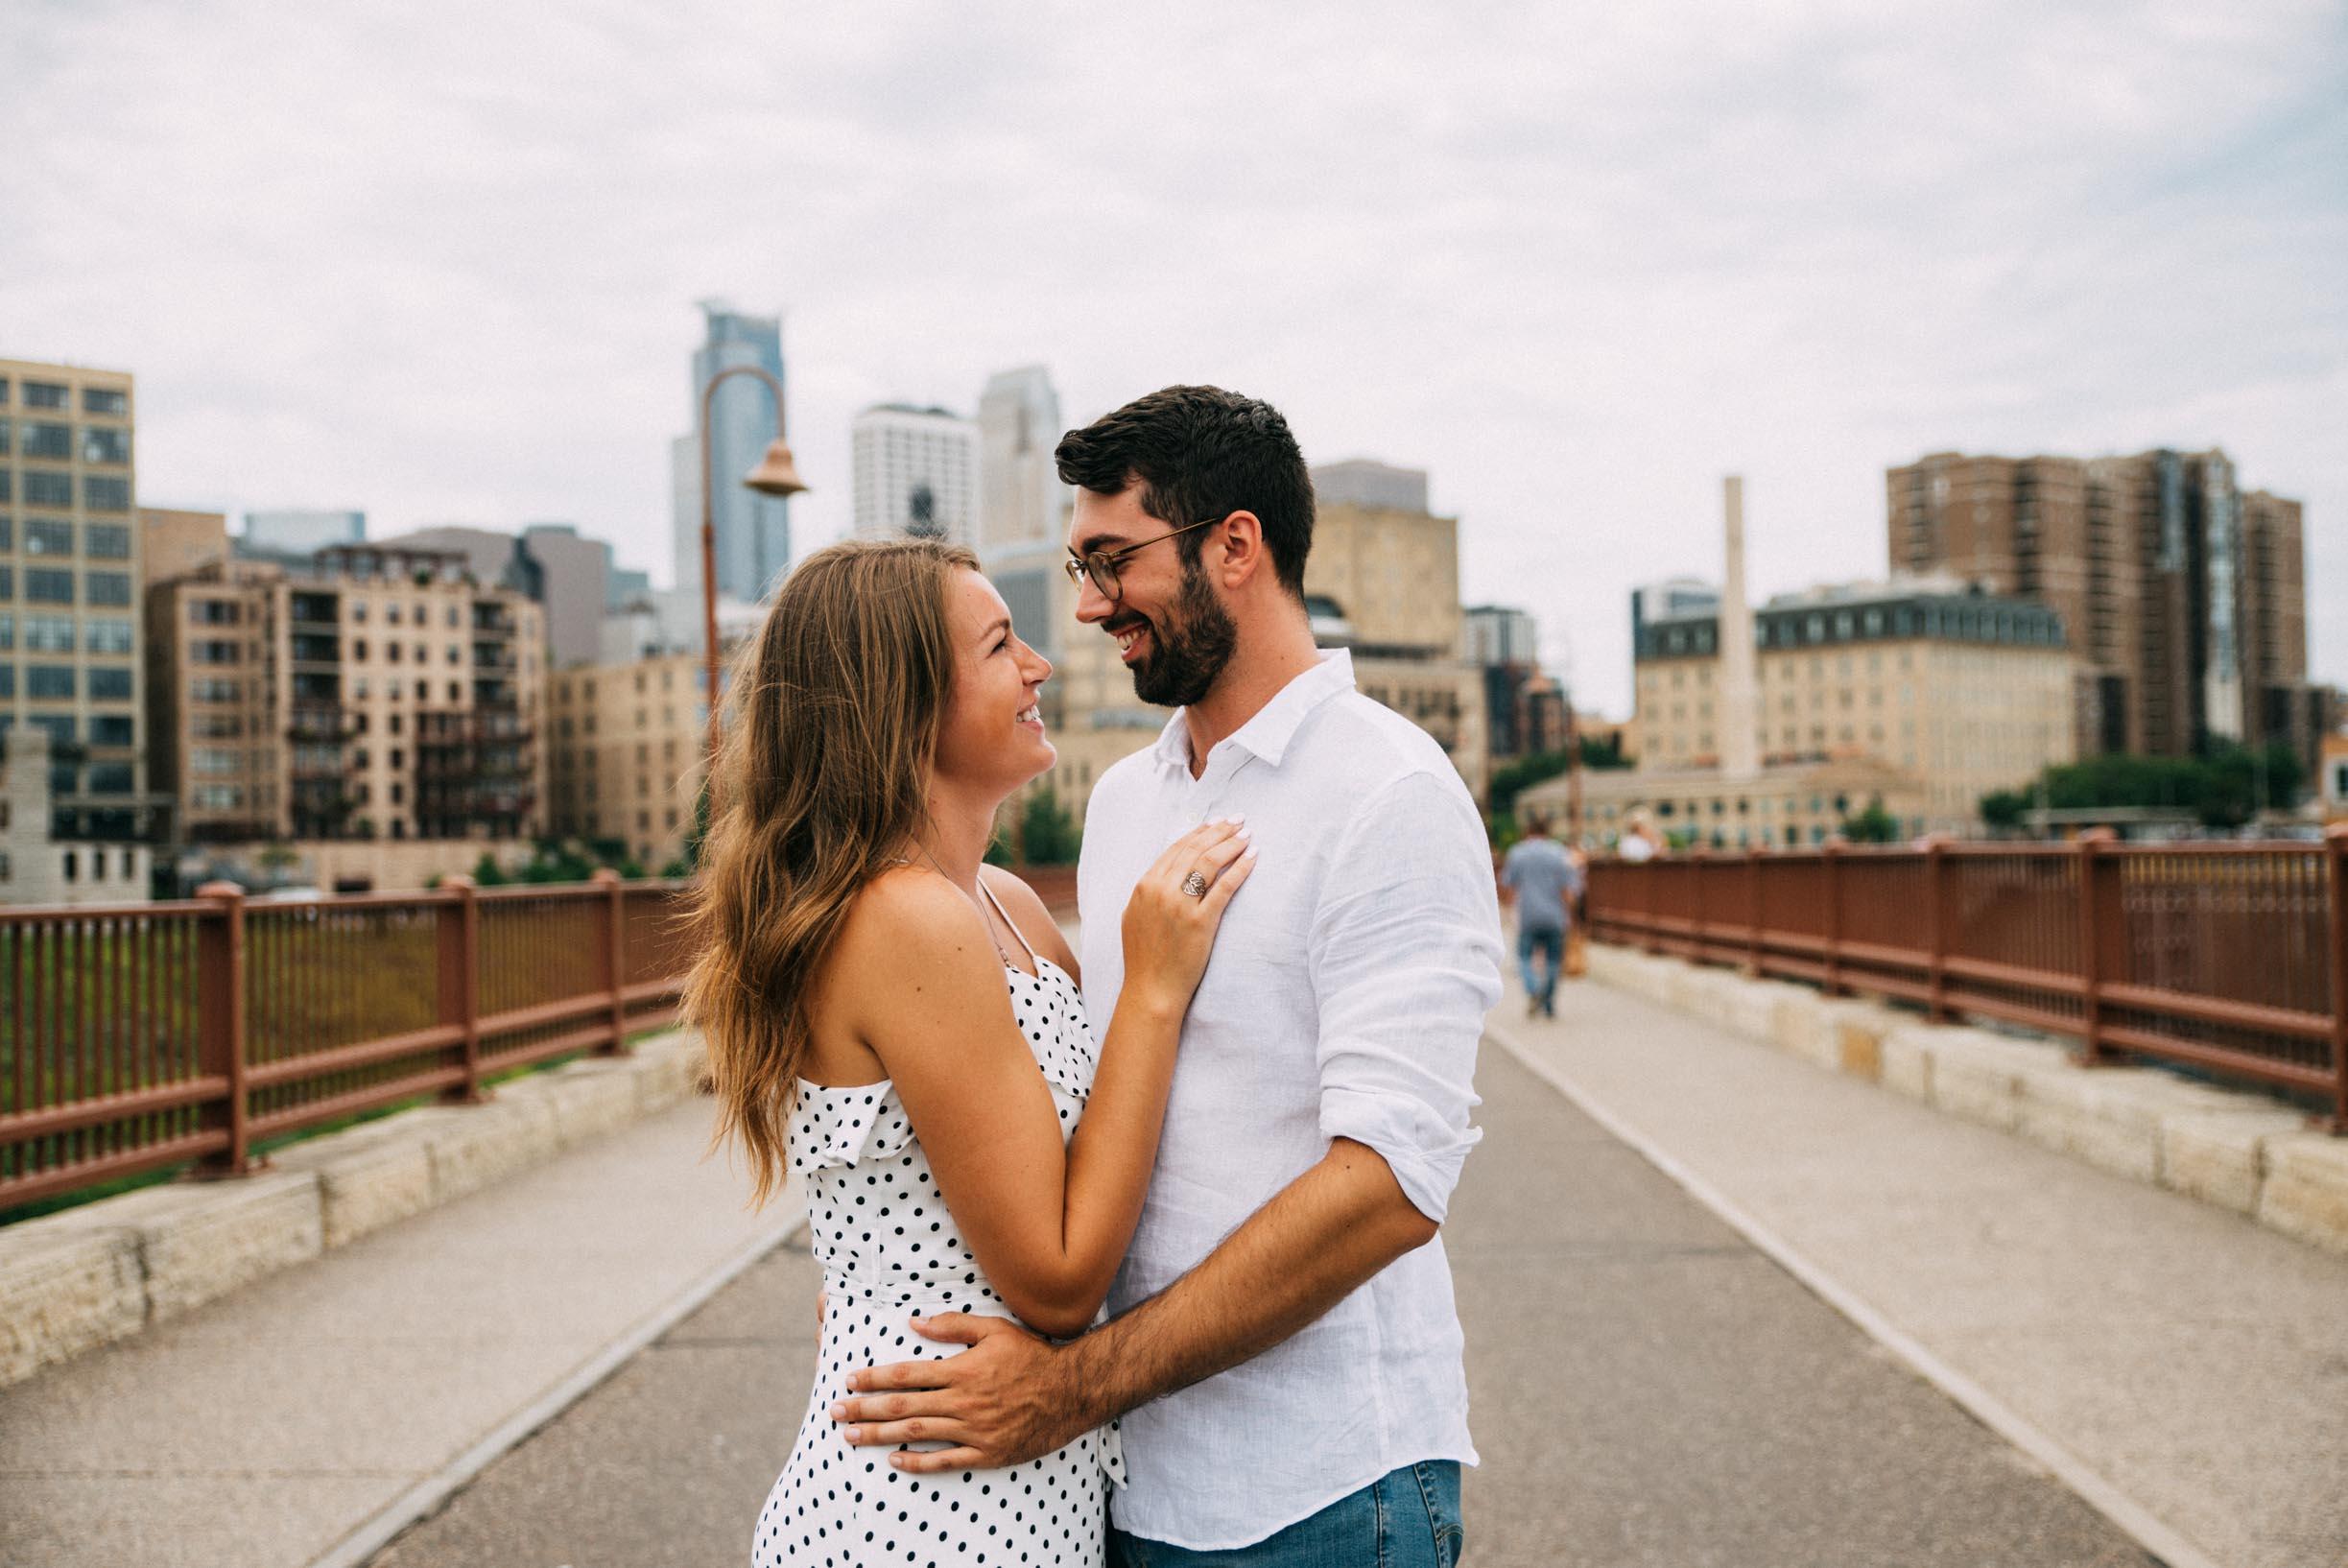 North_Loop_Minneapolis_Couple_Portraits_Blogpost-14.jpg